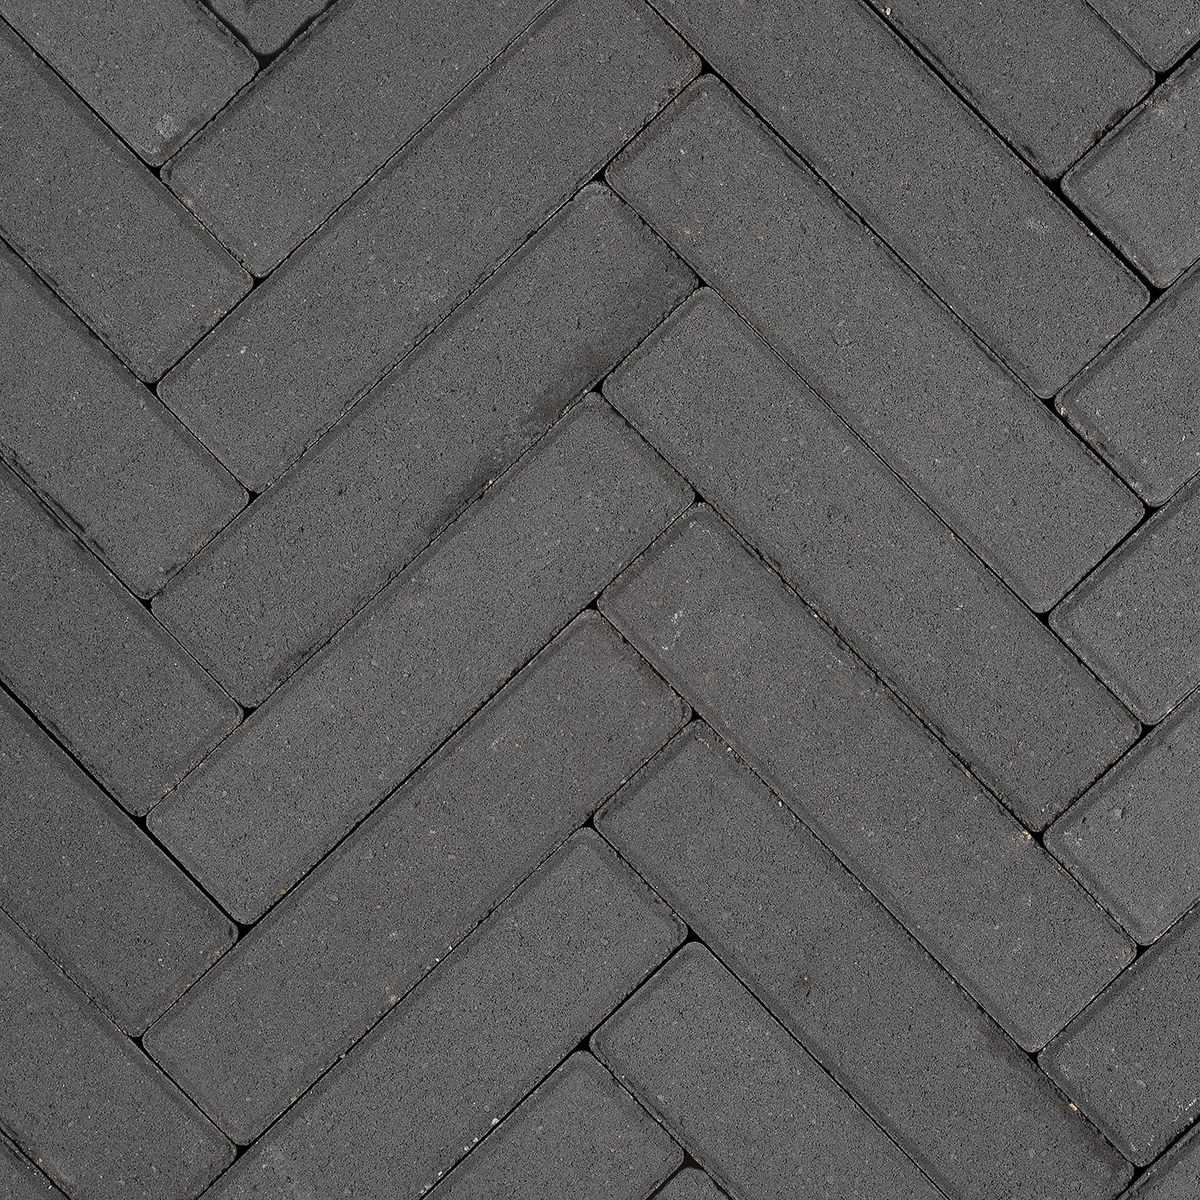 Sierbetonklinker zwart 5x20